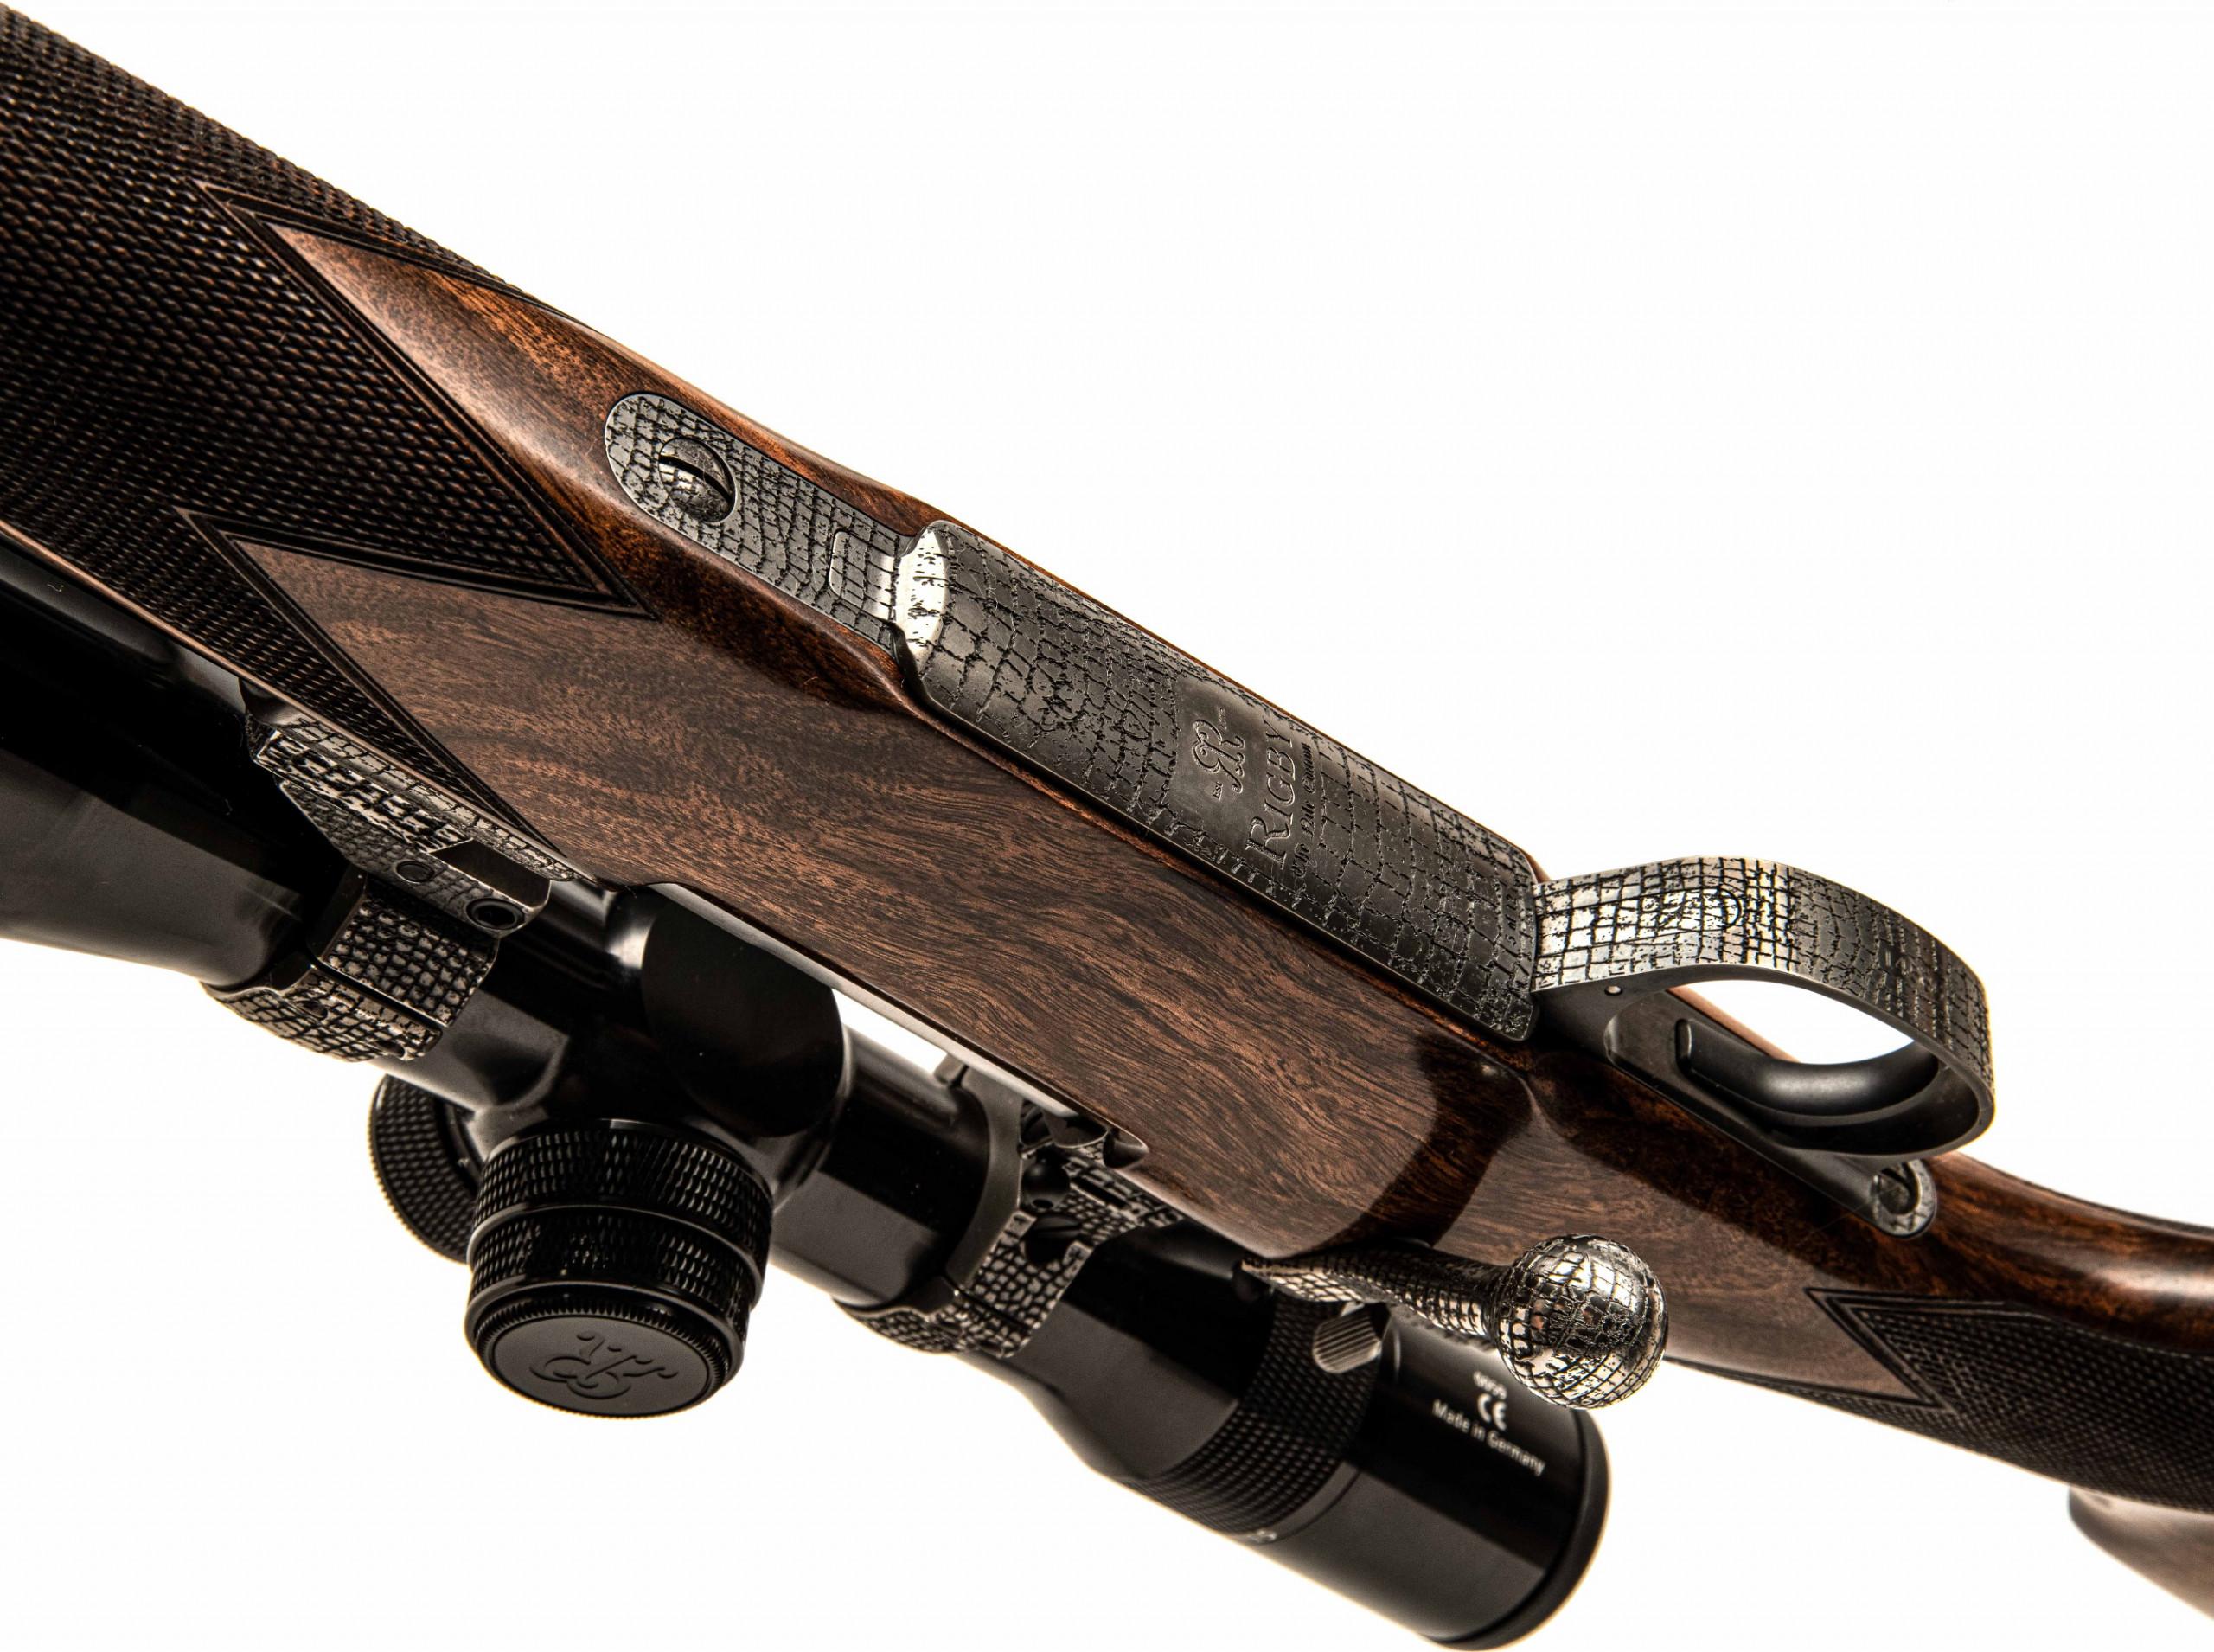 parte inferiore della carabina bolt-action in edizione limitata Rigby Highland Stalker Nile